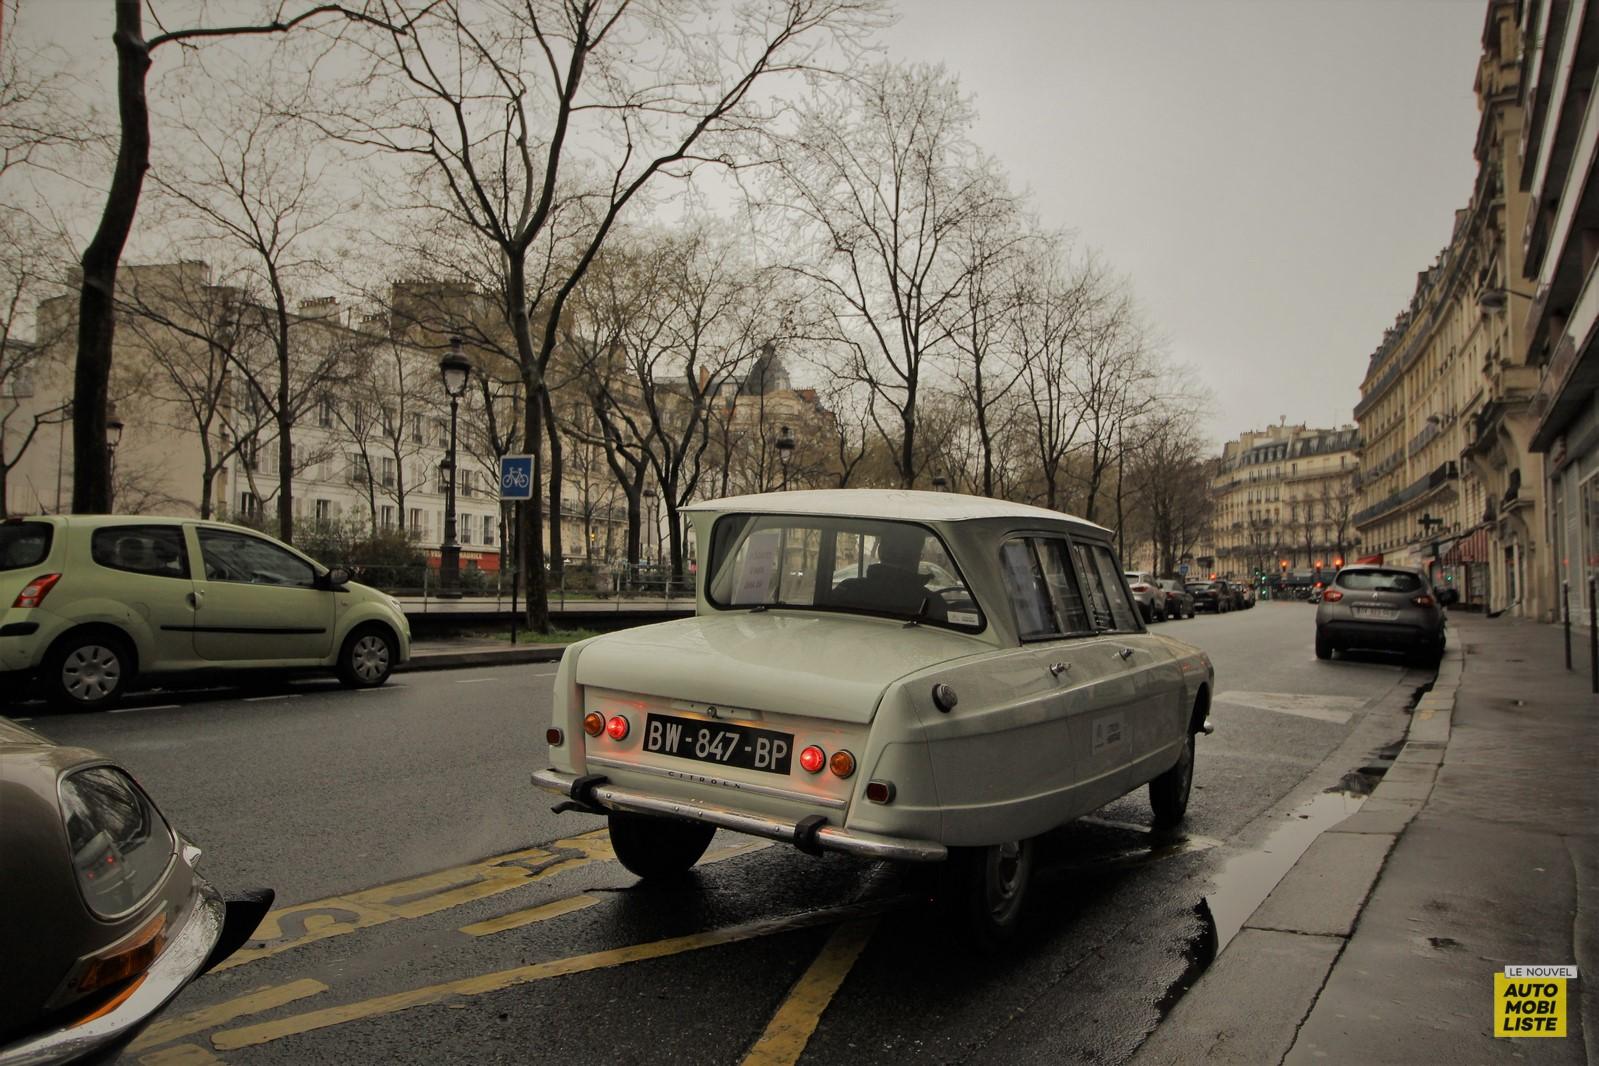 Traversee de Paris LNA Thibaut Dumoulin 7